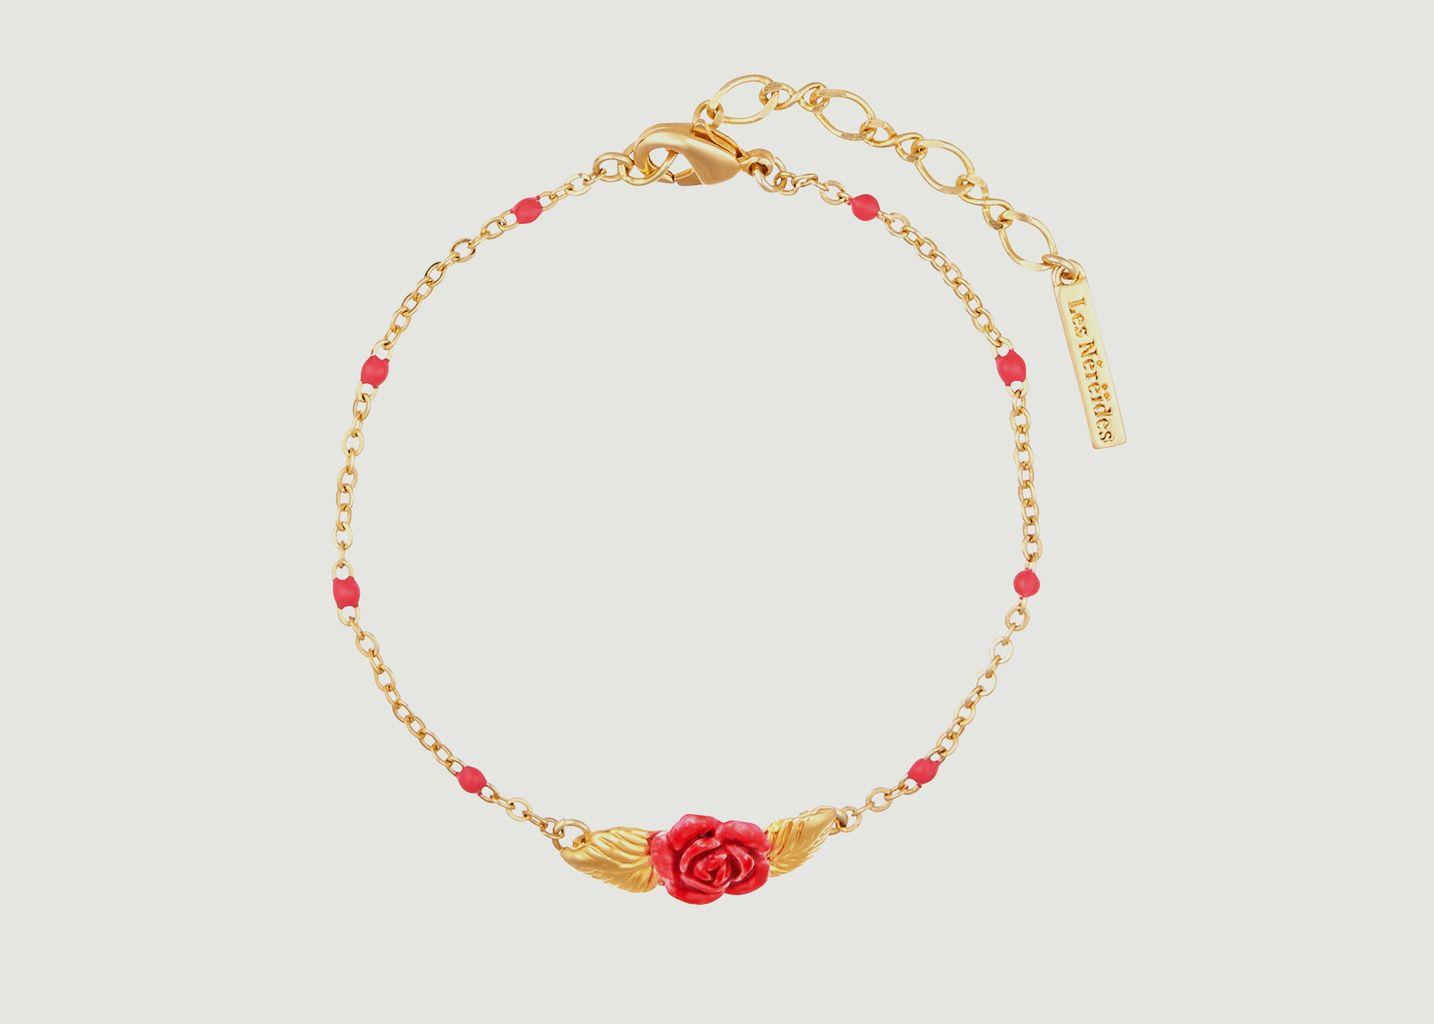 Bracelet fin ajustable bouton de rose - Les Néréides